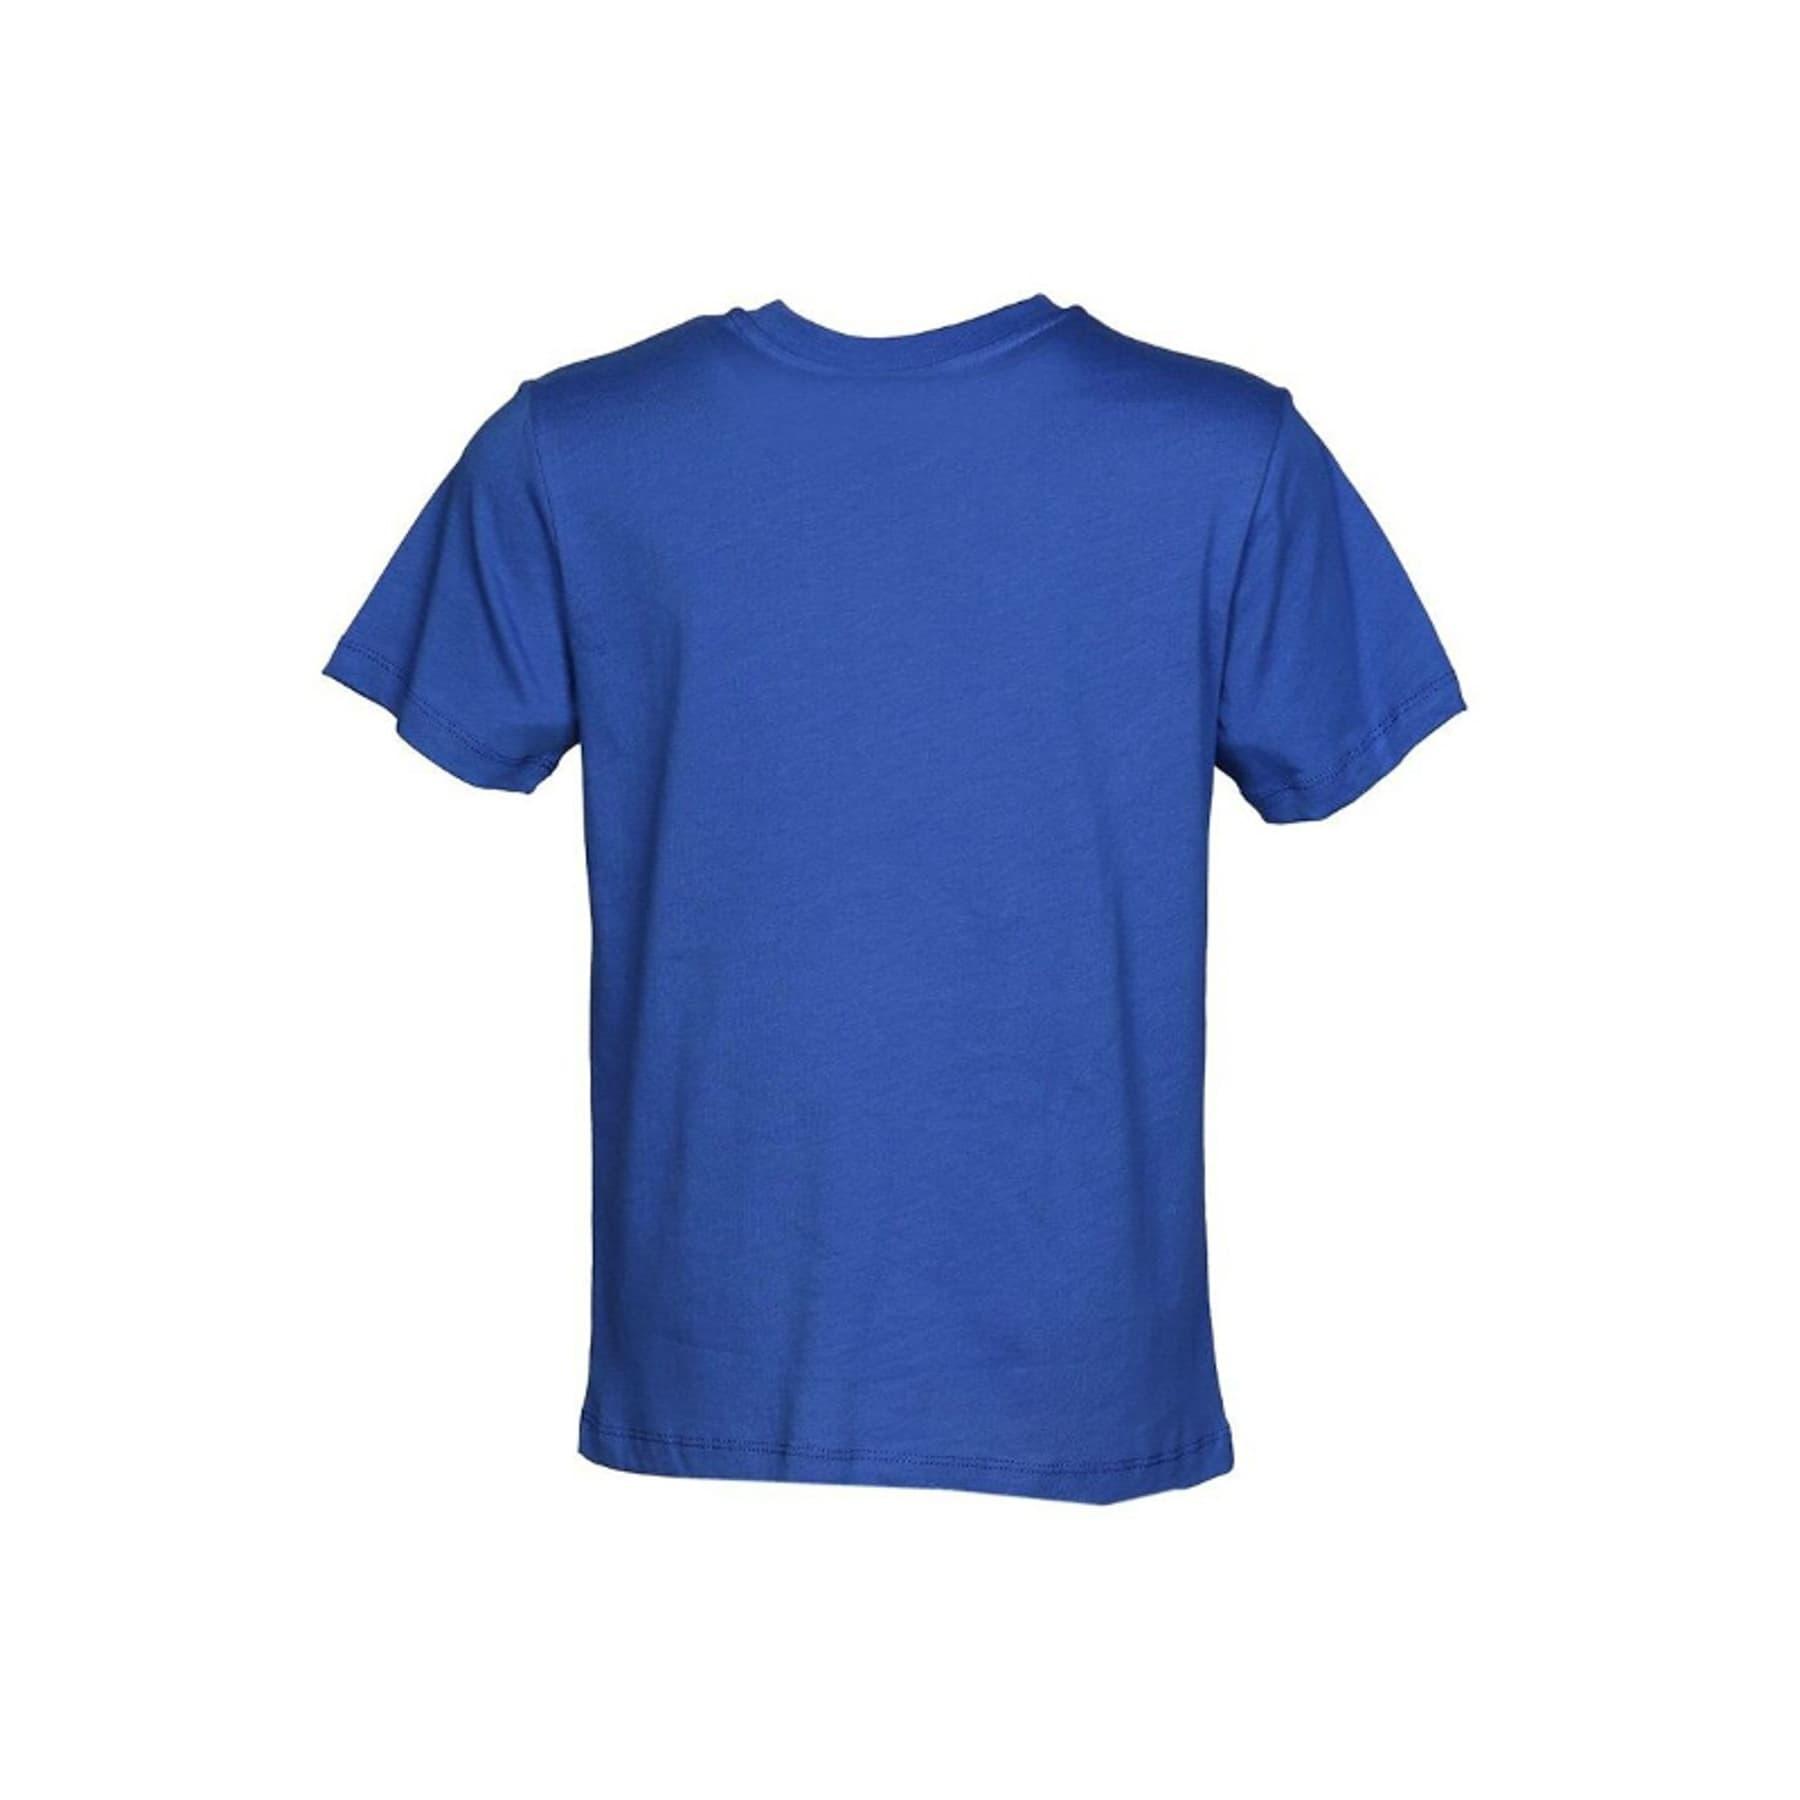 Bonita Erkek Çocuk Mavi Tişört (910901-4248)